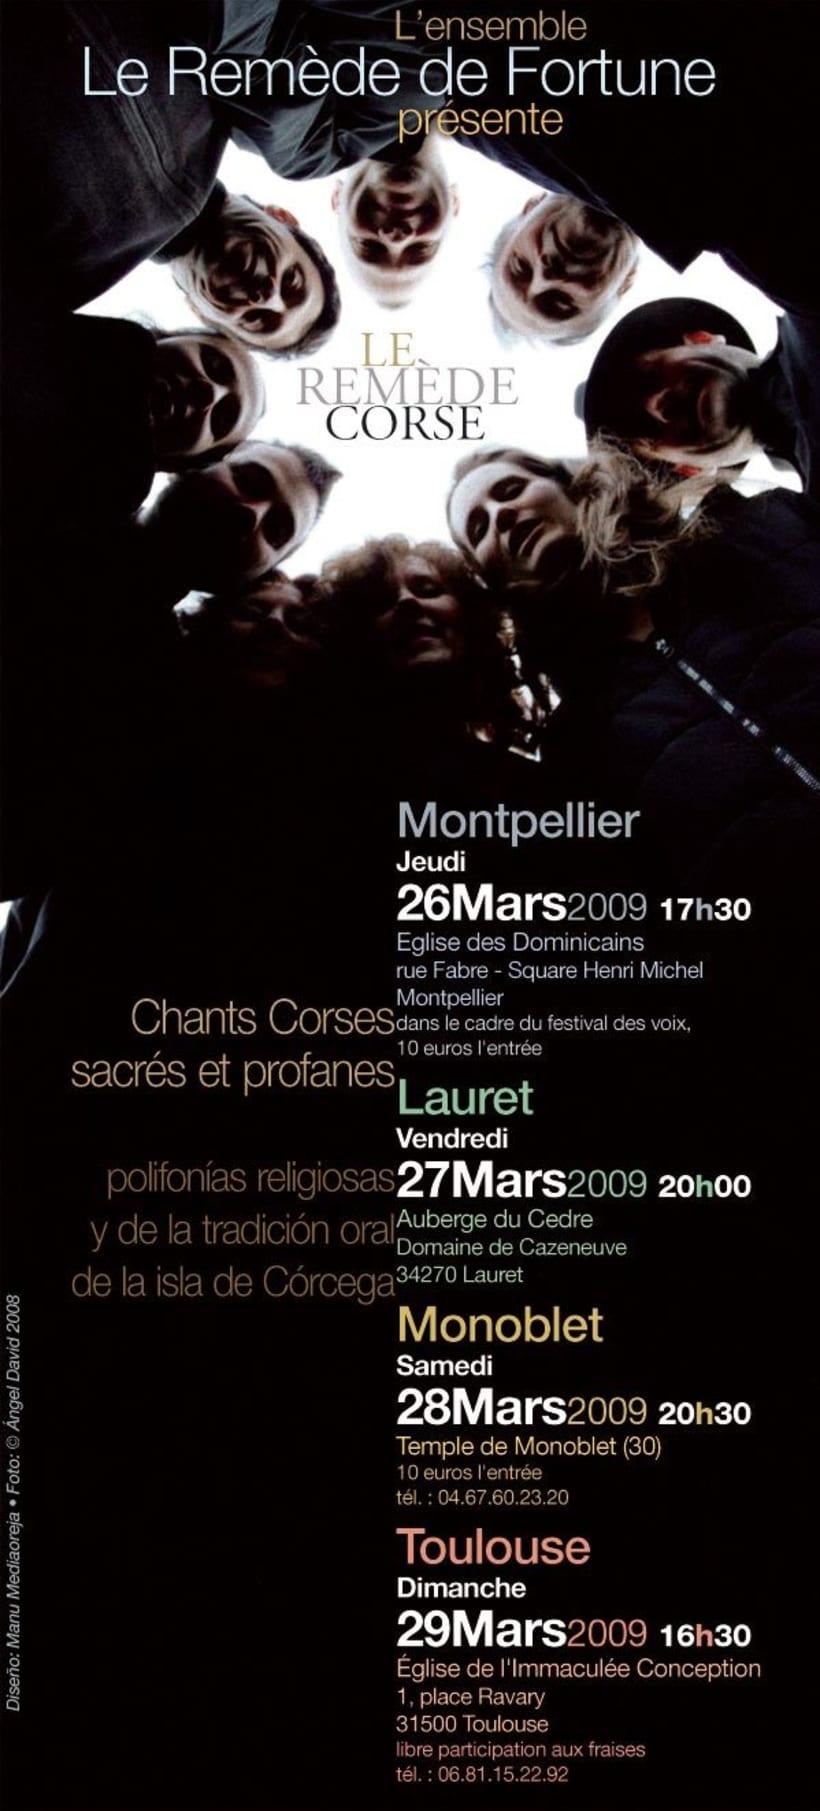 Cartel grupo vocal Le Remède de Fortune, conciertos de polifonía corsa -1